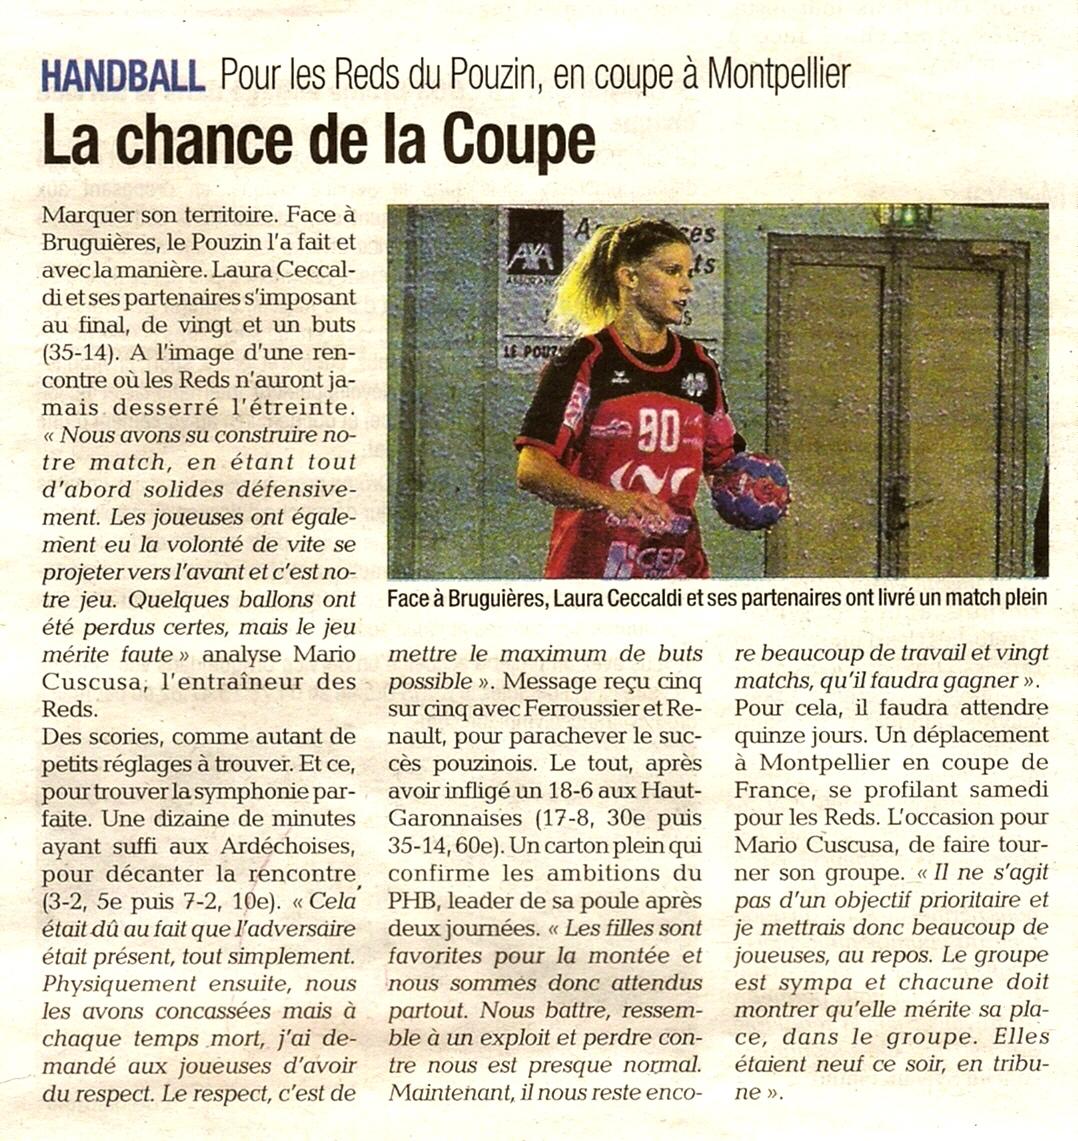 http://www.lepouzinhandball07.com/medias/images/tribune20190922.jpg